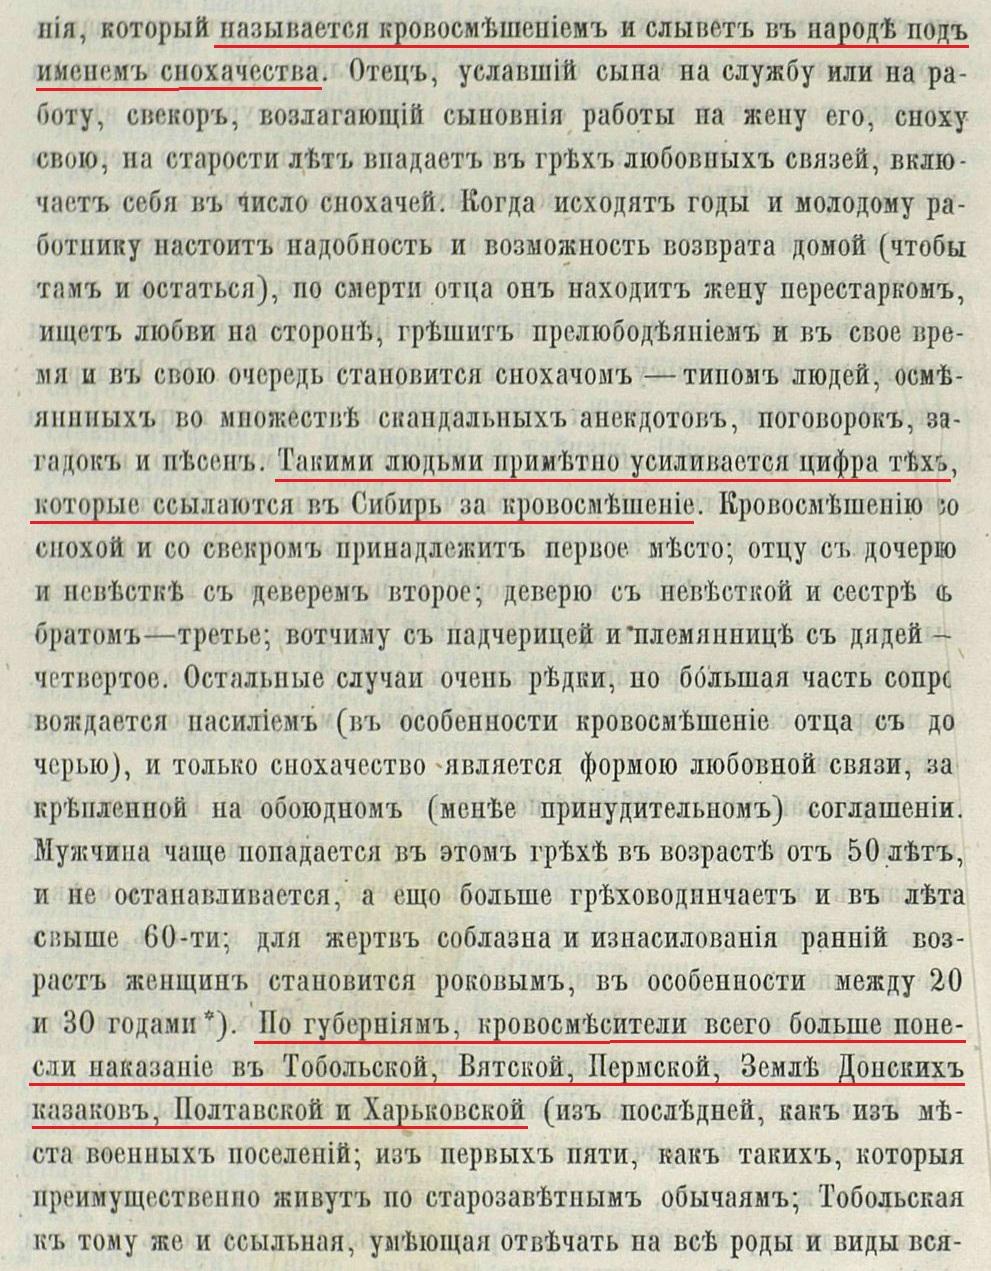 seks-v-russkih-derevnyah-pri-tsare-snohachestvo-on-ey-zasadil-svoy-huy